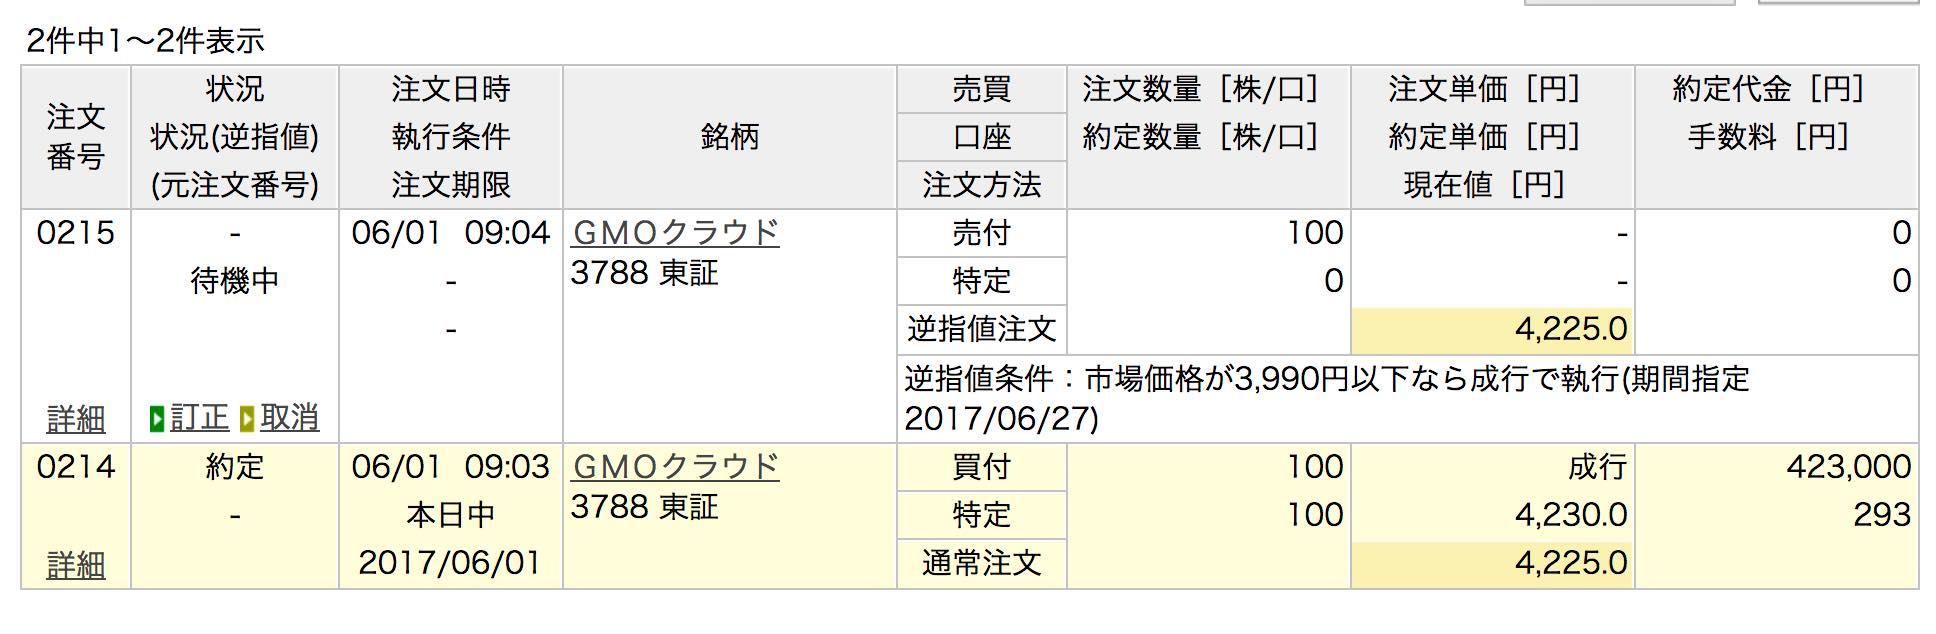 th_スクリーンショット 2017-06-01 09.08.11